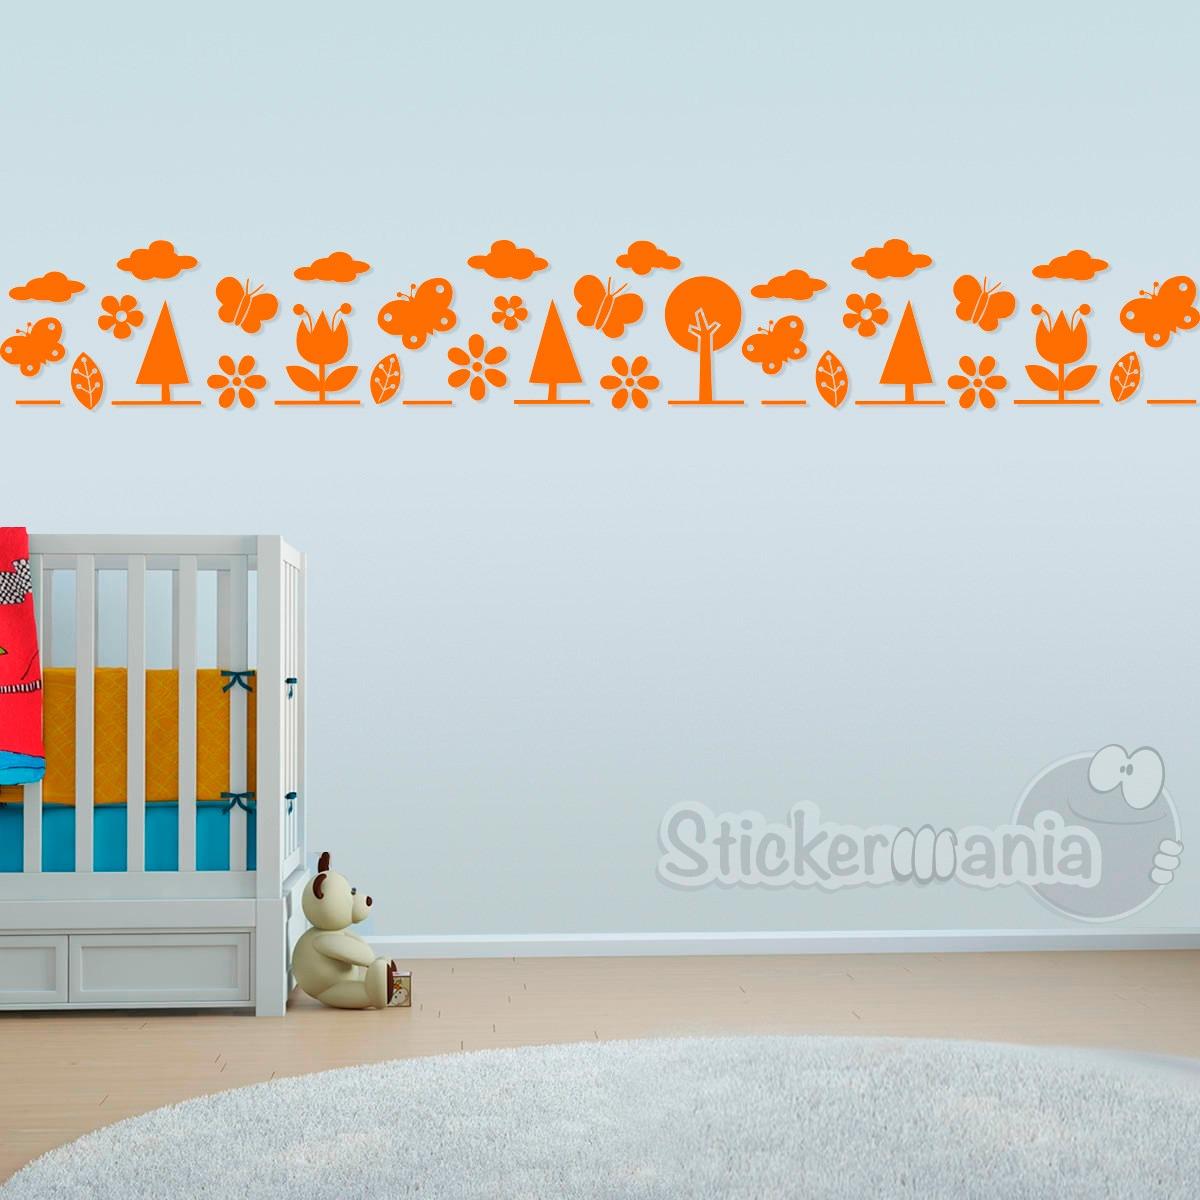 Cenefa Sticker Para Decorar Cuarto Niños Diseño Bosque 02 - U$S 5,00 ...